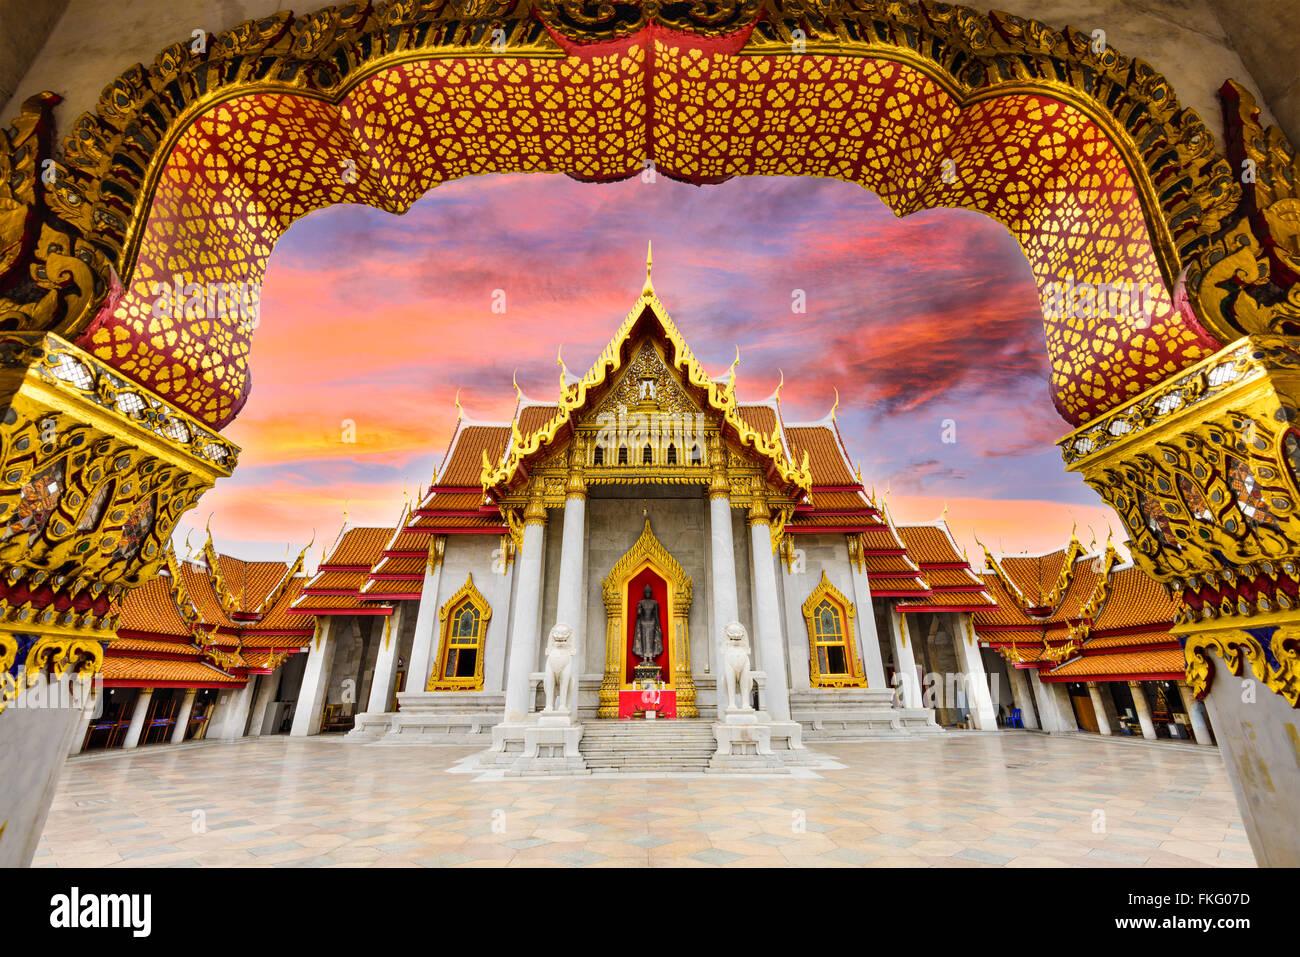 Temple de marbre de Bangkok, Thaïlande. Photo Stock